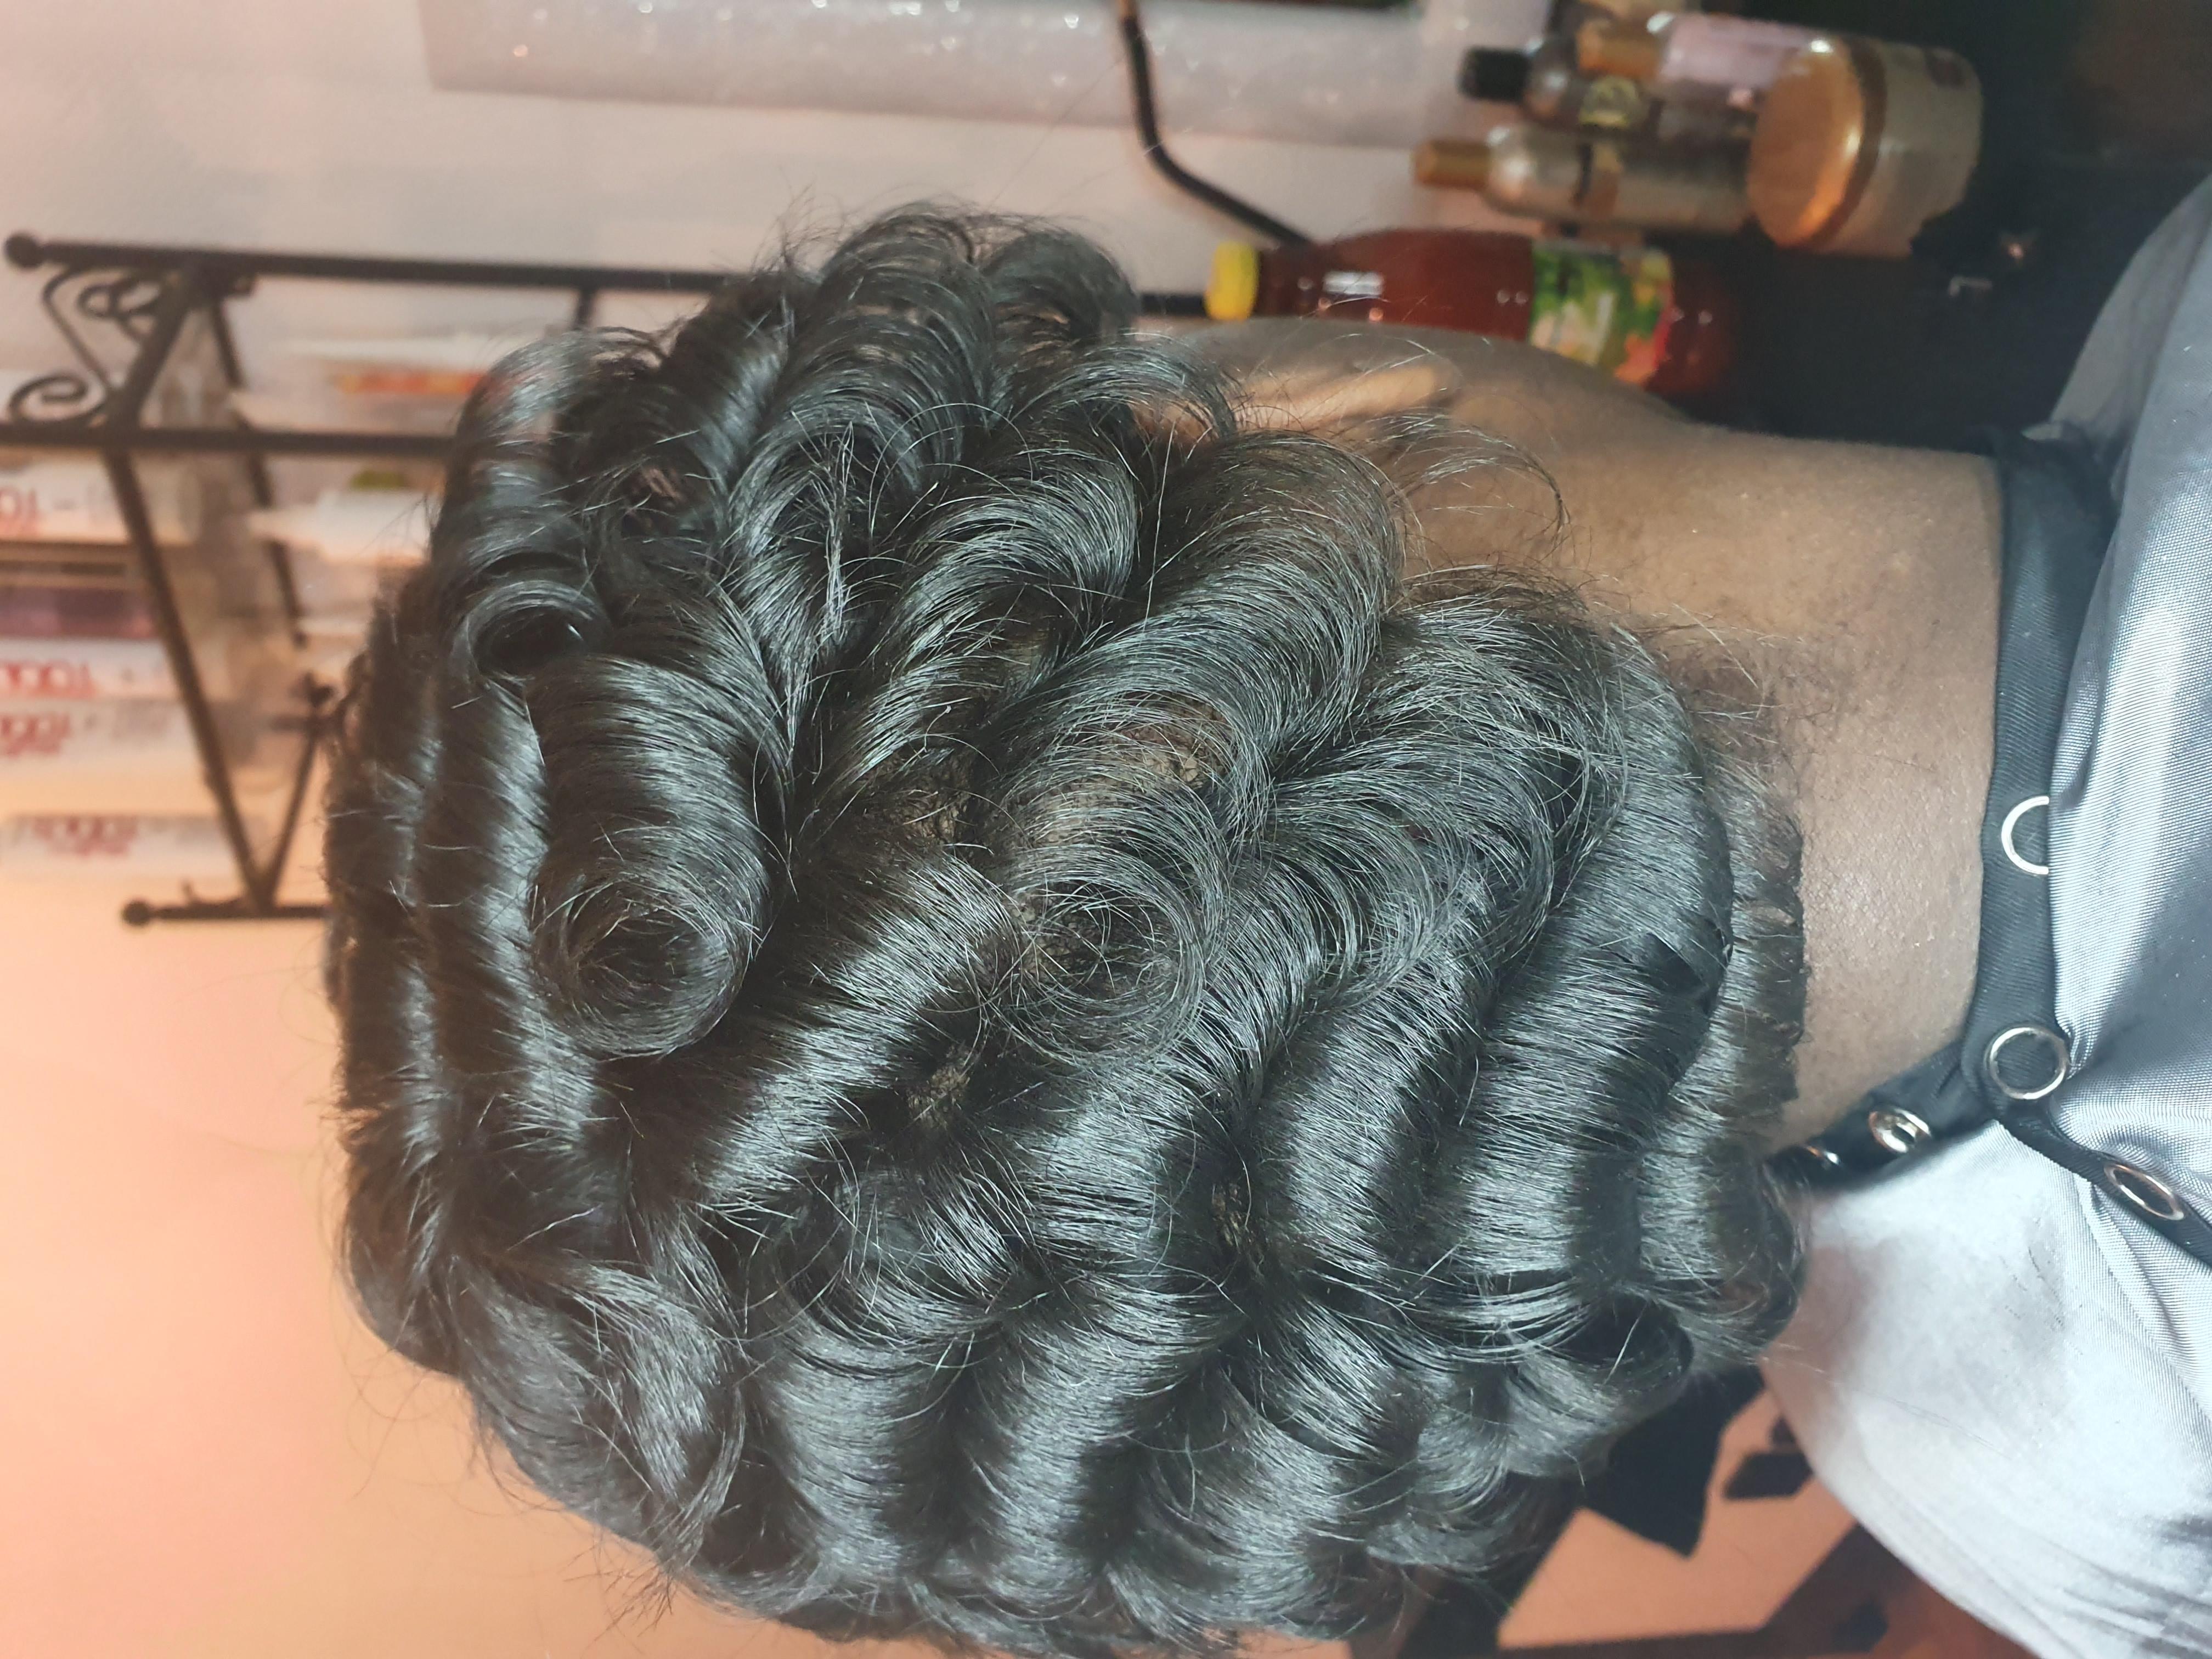 salon de coiffure afro tresse tresses box braids crochet braids vanilles tissages paris 75 77 78 91 92 93 94 95 ZMOYLZPZ